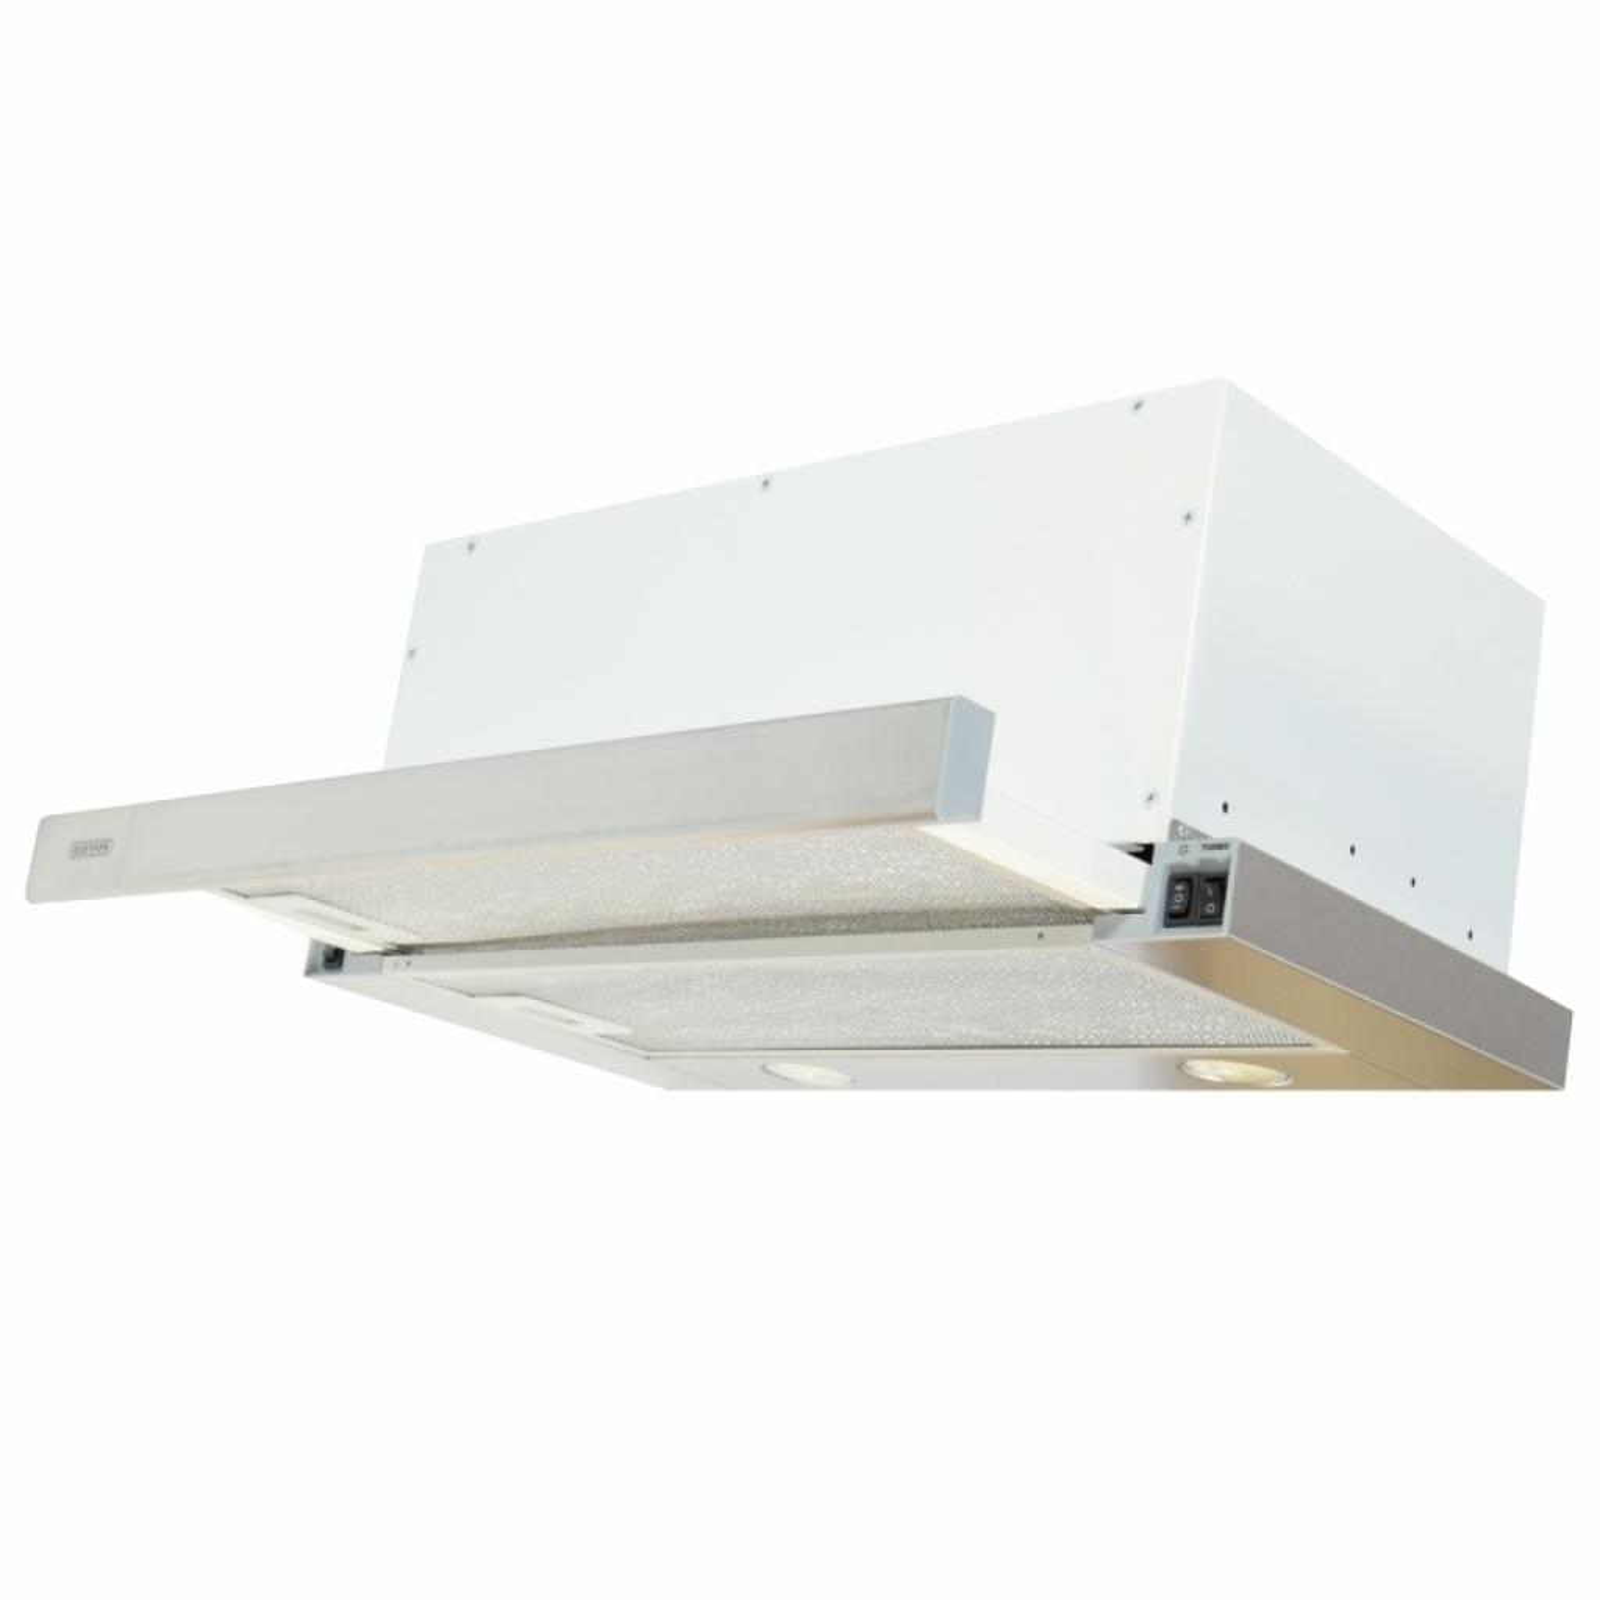 Вытяжка кухонная ELEYUS Storm 1200 LED 60 IS